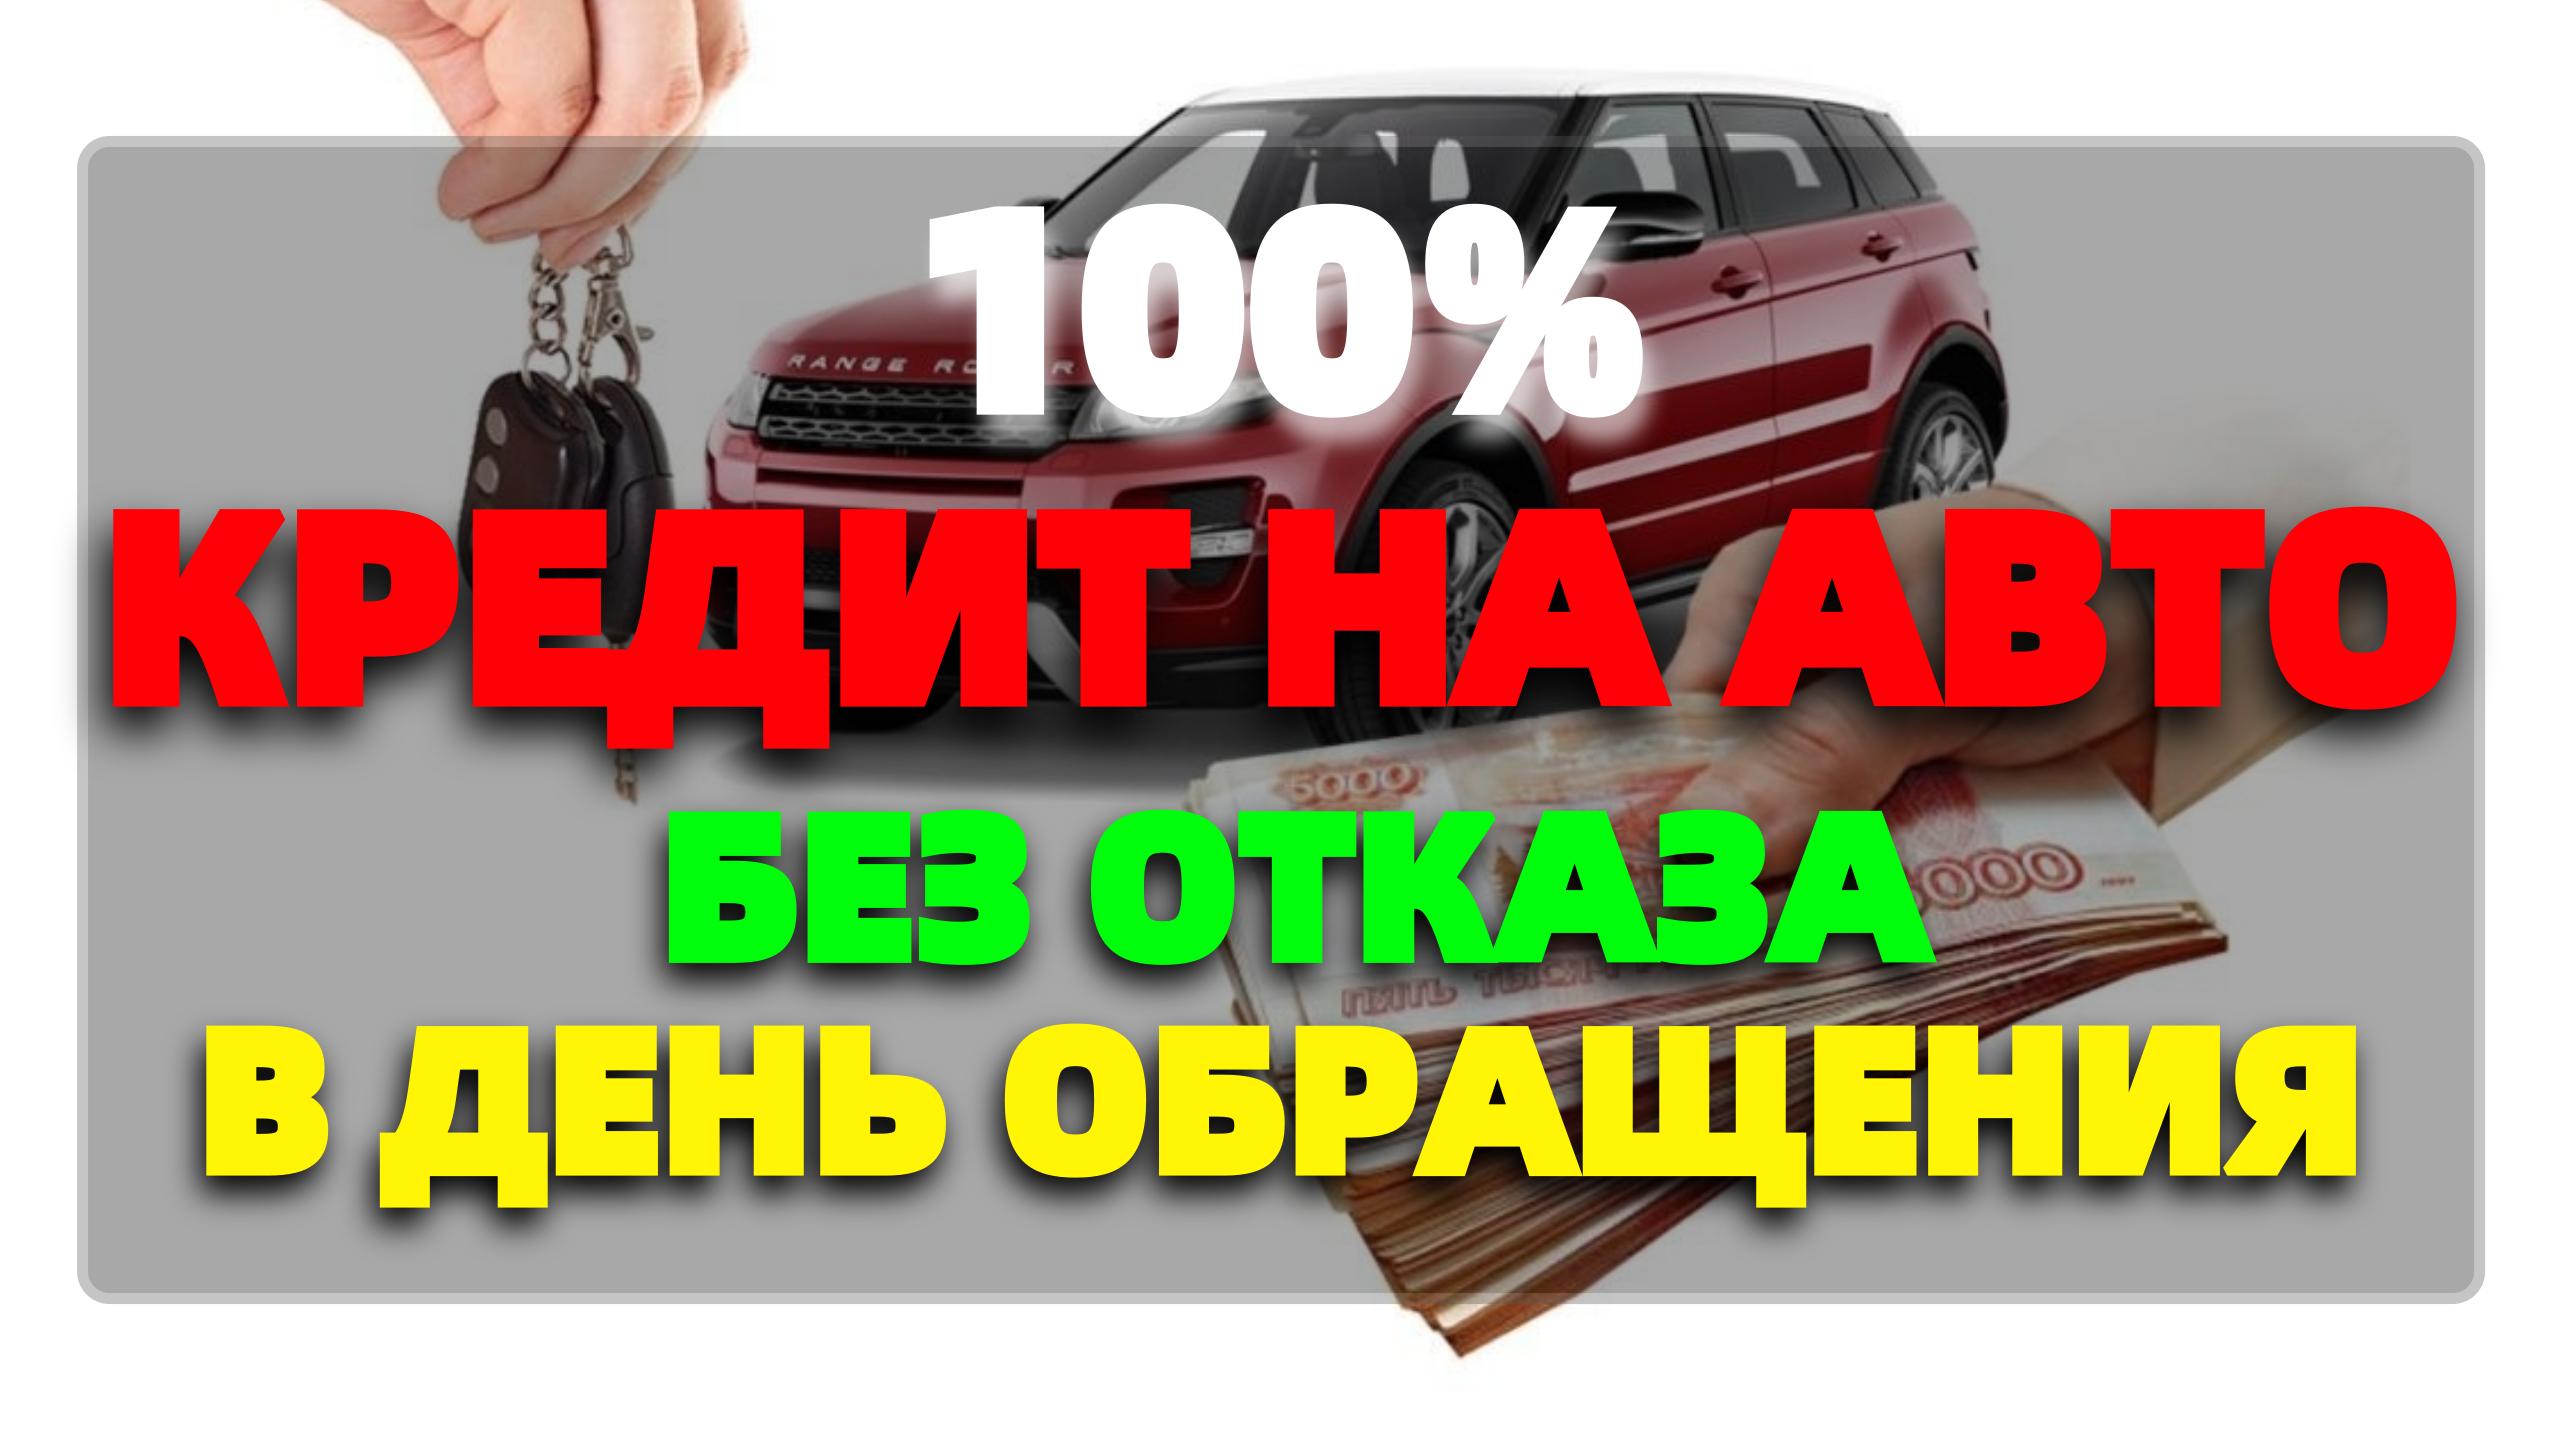 Кредит на авто без отказа в день обращения